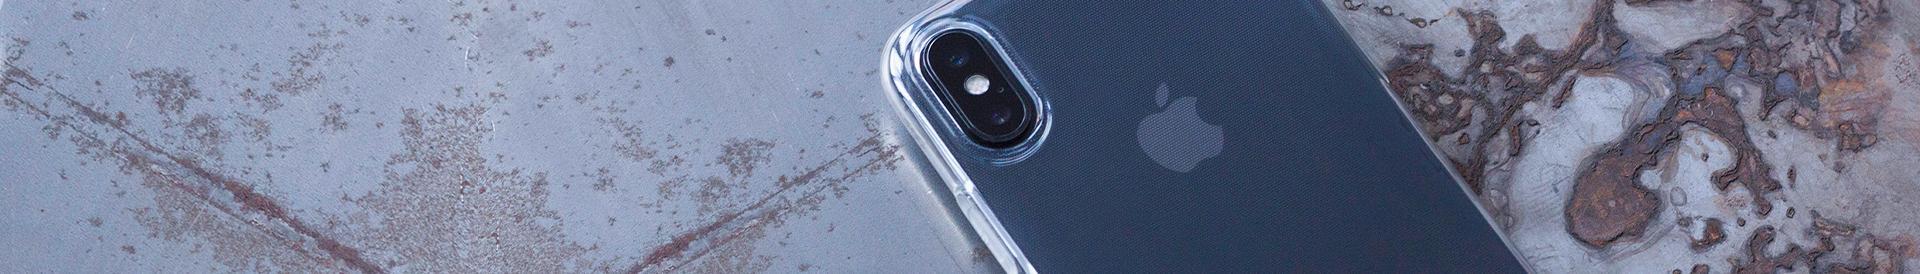 smartfon komórkowy